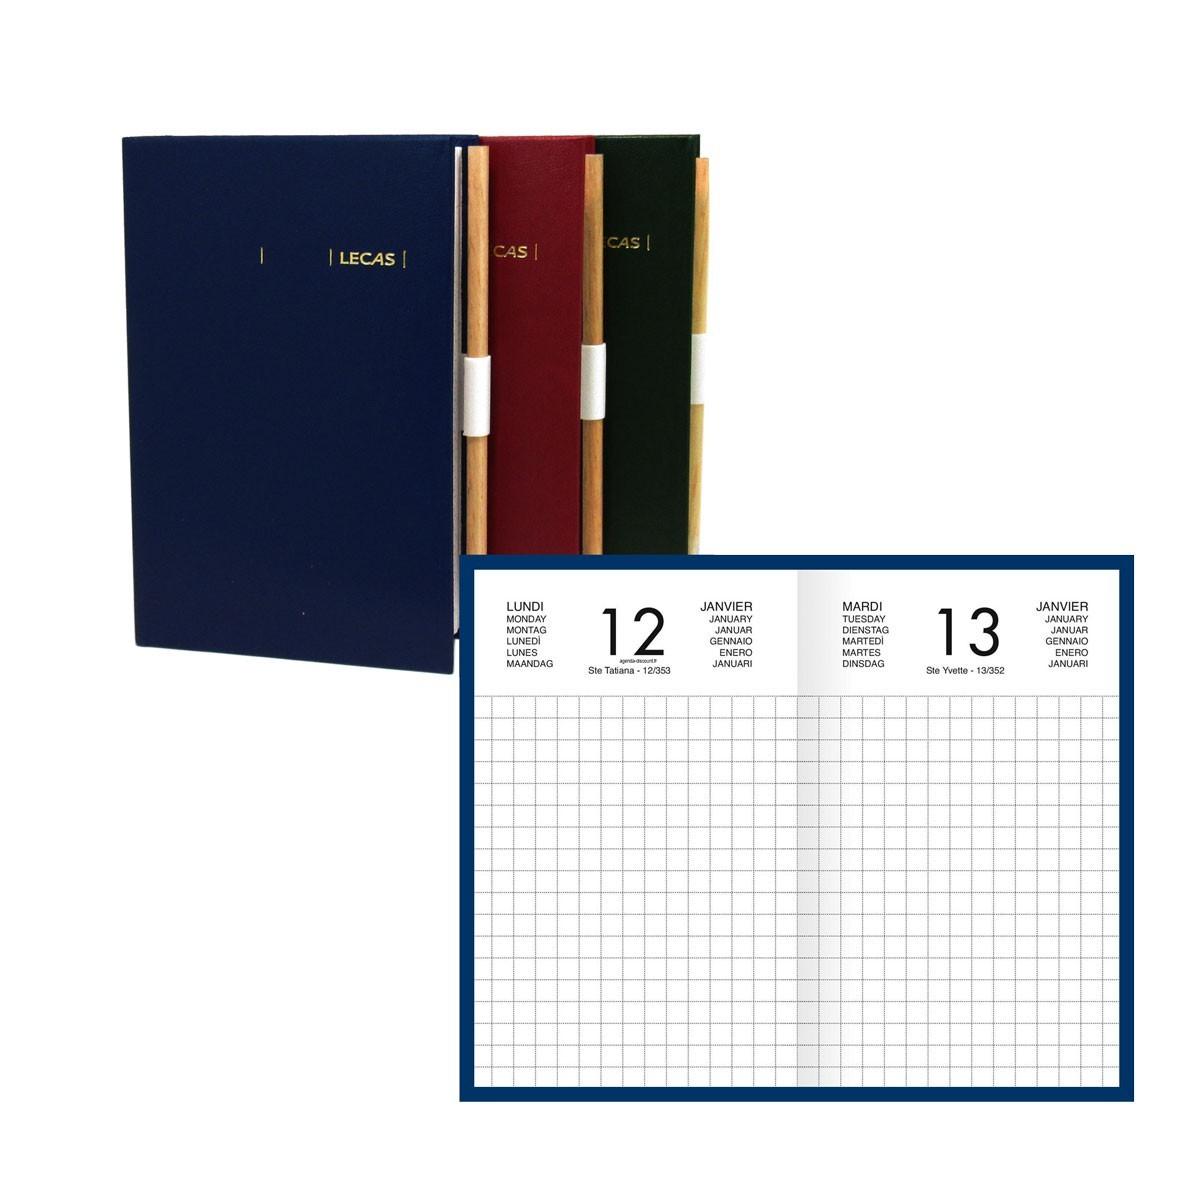 Lecas Chantier - Agenda 1 jour par page avec crayon - 9 x 15 cm - disponible dans diffférentes couleurs